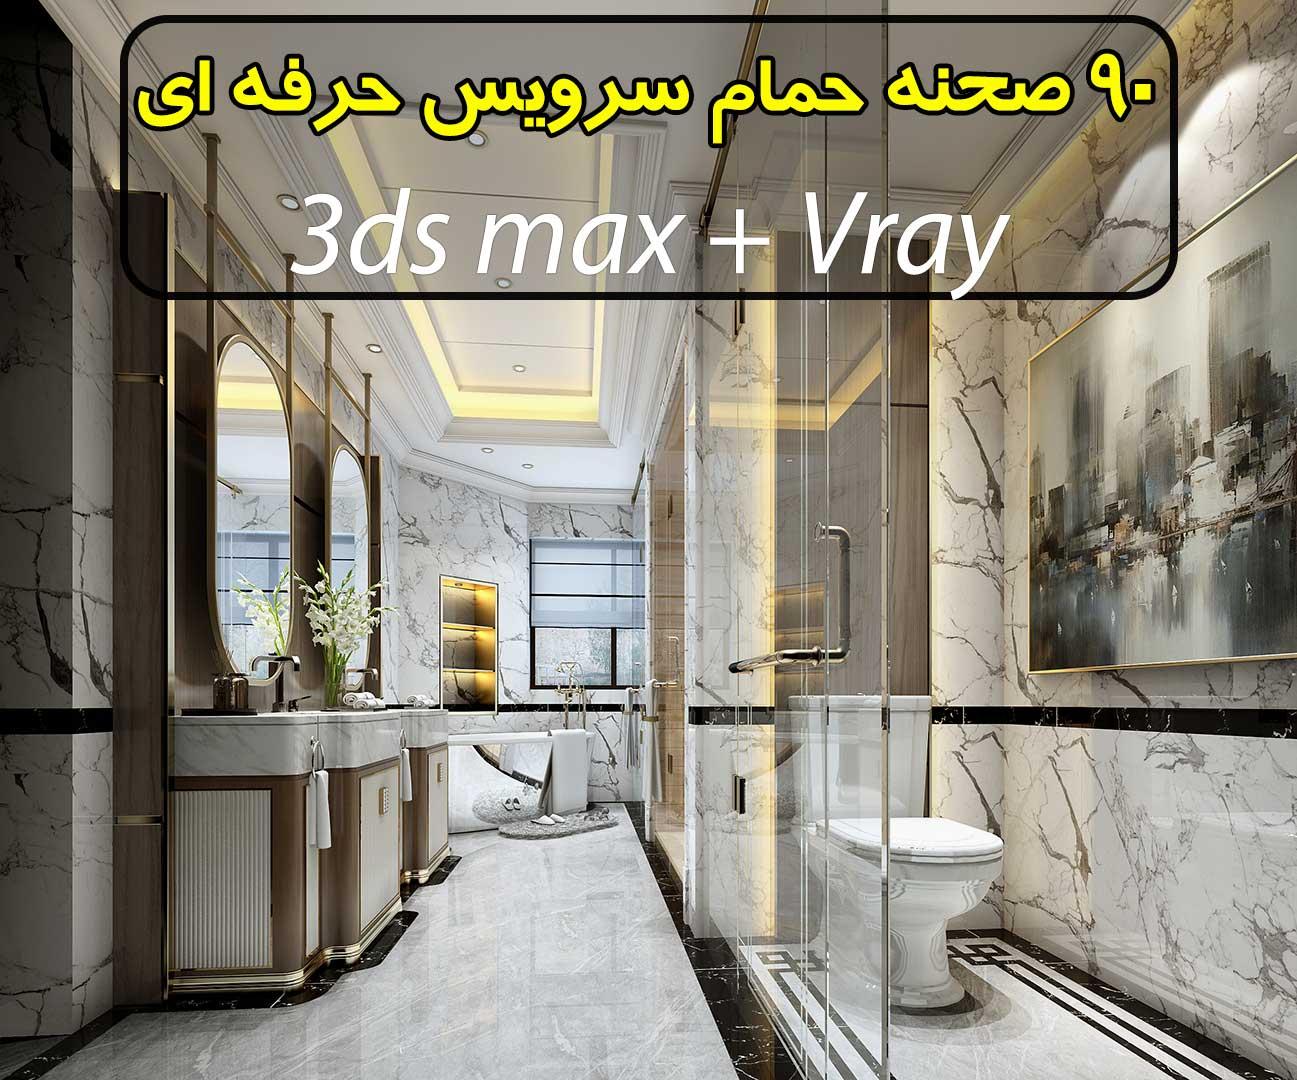 مجموعه 90 صحنه سه بعدی : حمام و سرویس (فوق حرفه ای)